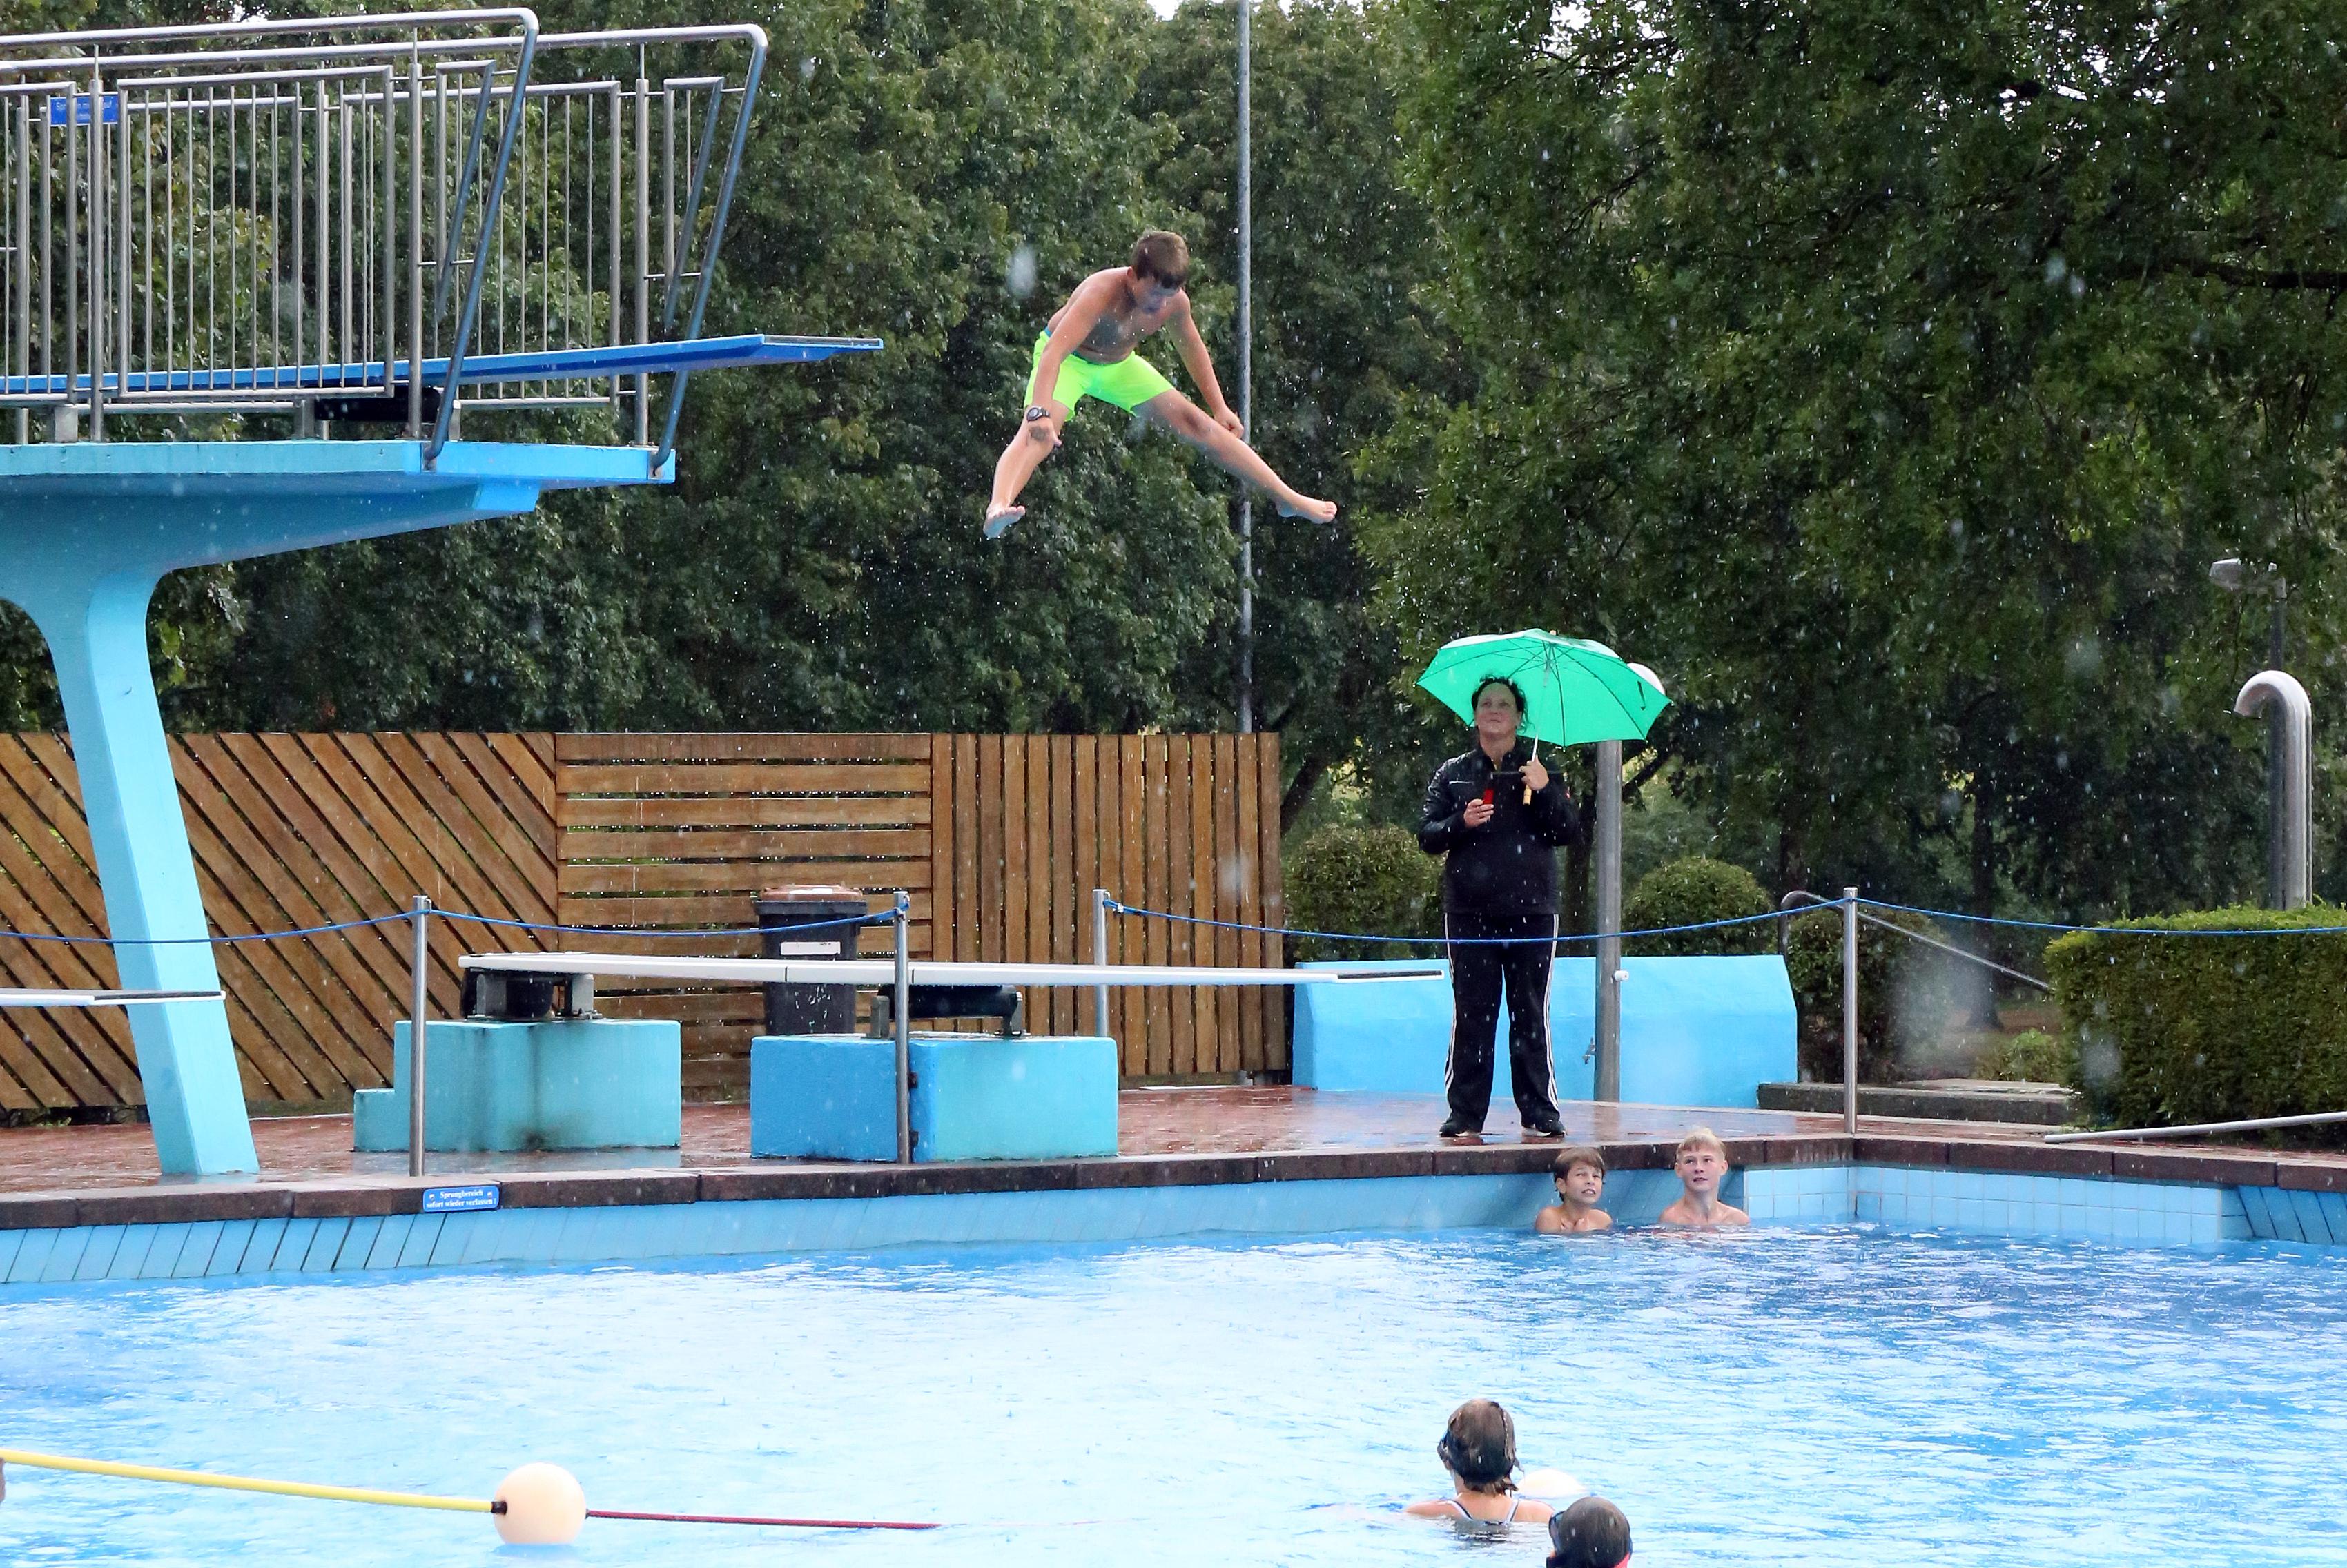 Tolle Wettbewerbe beim Sommerferienprogramm der Gemeinde Neuenkirchen im Naturfreibad. | Fotos:  Stefan Kösters